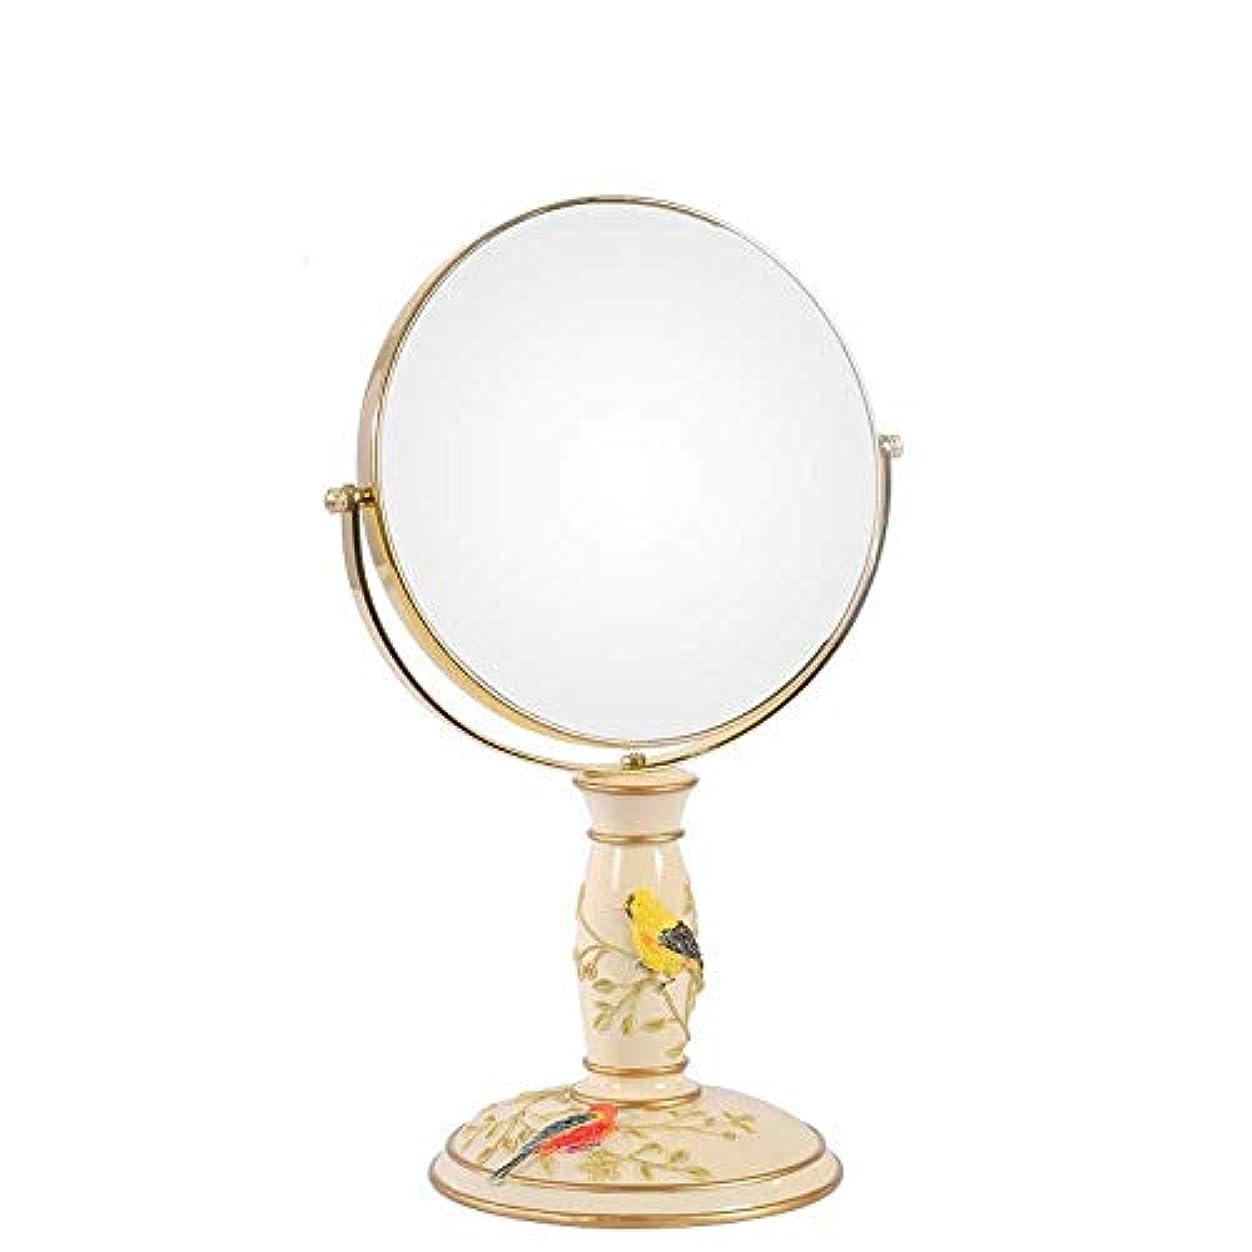 燃料特派員勧める流行の ビンテージ化粧鏡、鏡360°回転スタンド、倍率1倍、3倍、ラウンドダブル両面回転化粧鏡